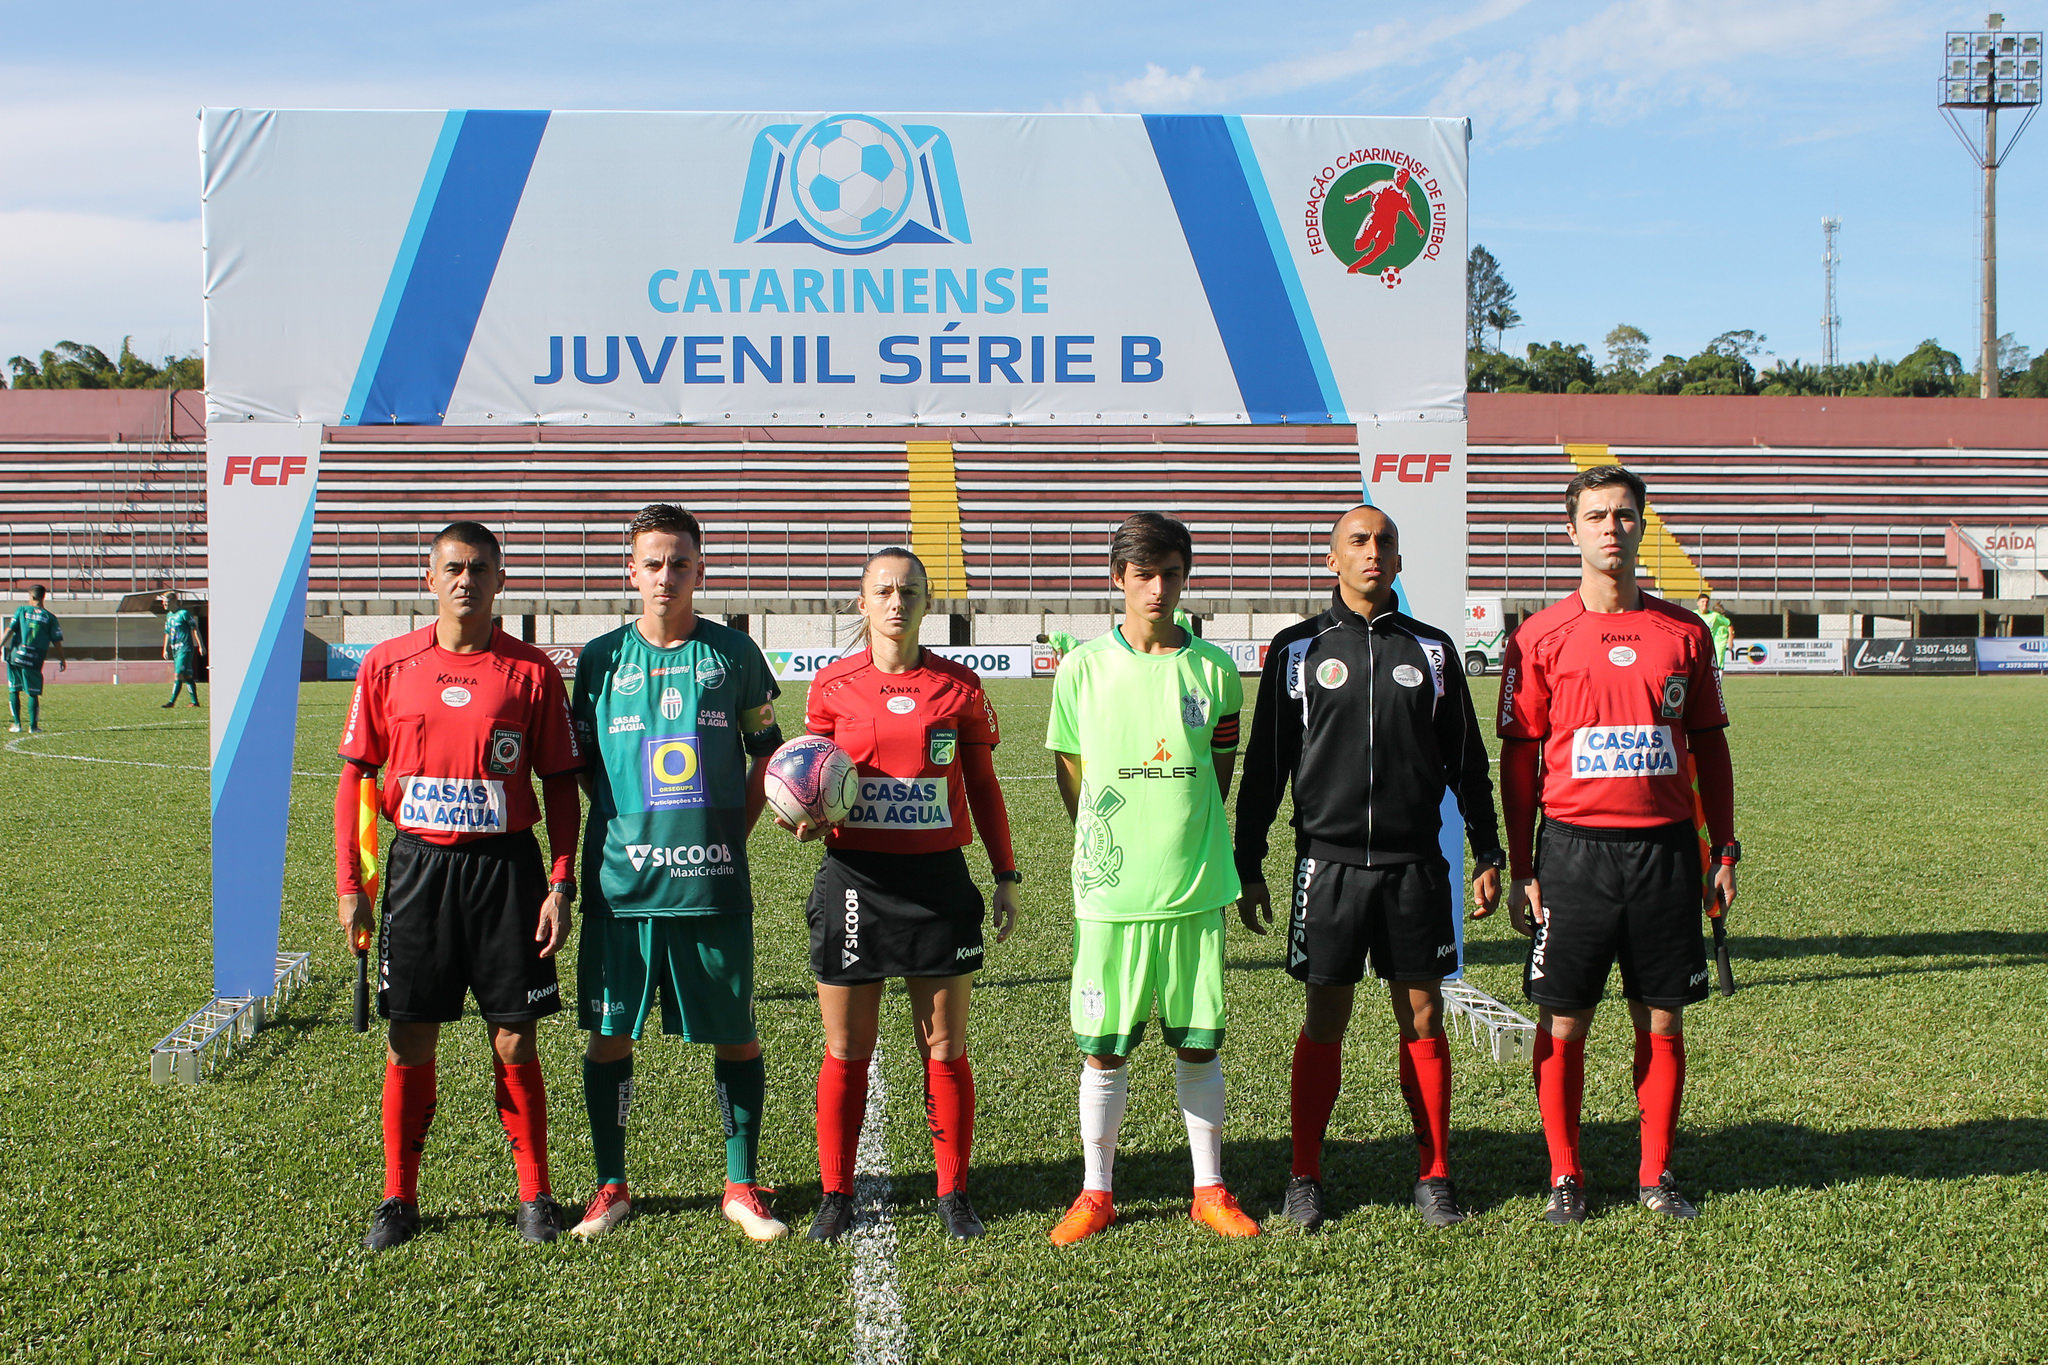 Antonio da Luz, Charly Wendy, Paulo Travasso, Diogo Berndt Foto: Federação Catarinense de Futebol FCF